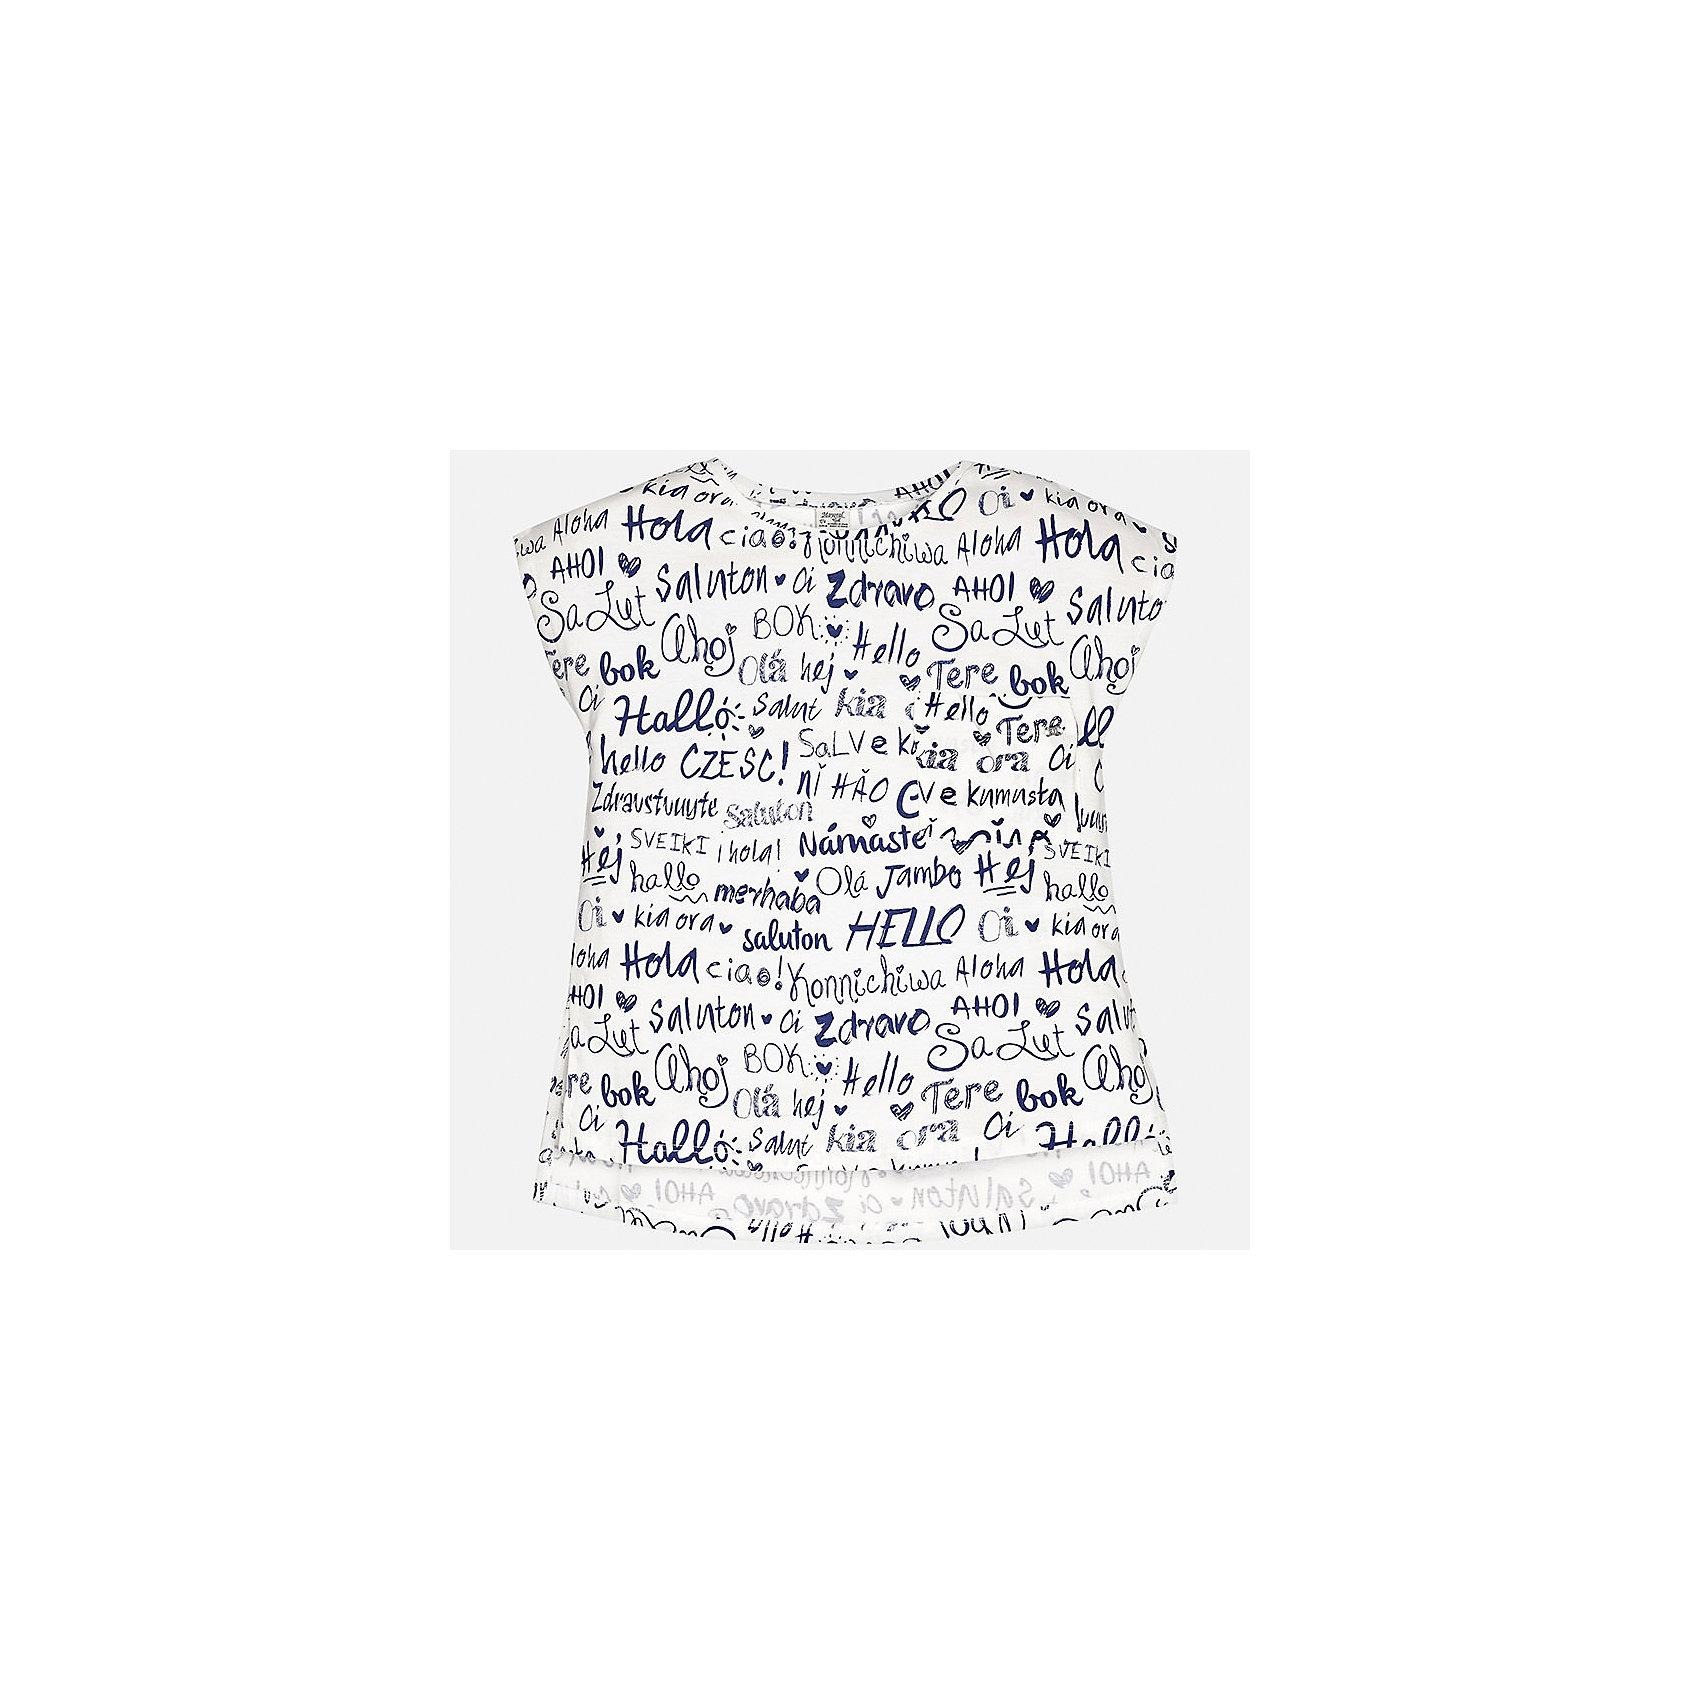 Футболка для девочки MayoralФутболки, поло и топы<br>Характеристики товара:<br><br>• цвет: белый<br>• состав: 100% хлопок<br>• декорирована принтом<br>• короткие рукава<br>• округлый горловой вырез<br>• страна бренда: Испания<br><br>Стильная качественная футболка для девочки поможет разнообразить гардероб ребенка и украсить наряд. Она отлично сочетается и с юбками, и с шортами, и с брюками. Универсальный цвет позволяет подобрать к вещи низ практически любой расцветки. Интересная отделка модели делает её нарядной и оригинальной. В составе ткани преобладает натуральный хлопок, гипоаллергенный, приятный на ощупь, дышащий.<br><br>Одежда, обувь и аксессуары от испанского бренда Mayoral полюбились детям и взрослым по всему миру. Модели этой марки - стильные и удобные. Для их производства используются только безопасные, качественные материалы и фурнитура. Порадуйте ребенка модными и красивыми вещами от Mayoral! <br><br>Футболку для девочки от испанского бренда Mayoral (Майорал) можно купить в нашем интернет-магазине.<br><br>Ширина мм: 199<br>Глубина мм: 10<br>Высота мм: 161<br>Вес г: 151<br>Цвет: бежевый<br>Возраст от месяцев: 168<br>Возраст до месяцев: 180<br>Пол: Женский<br>Возраст: Детский<br>Размер: 170,164,128/134,140,152,158<br>SKU: 5292540